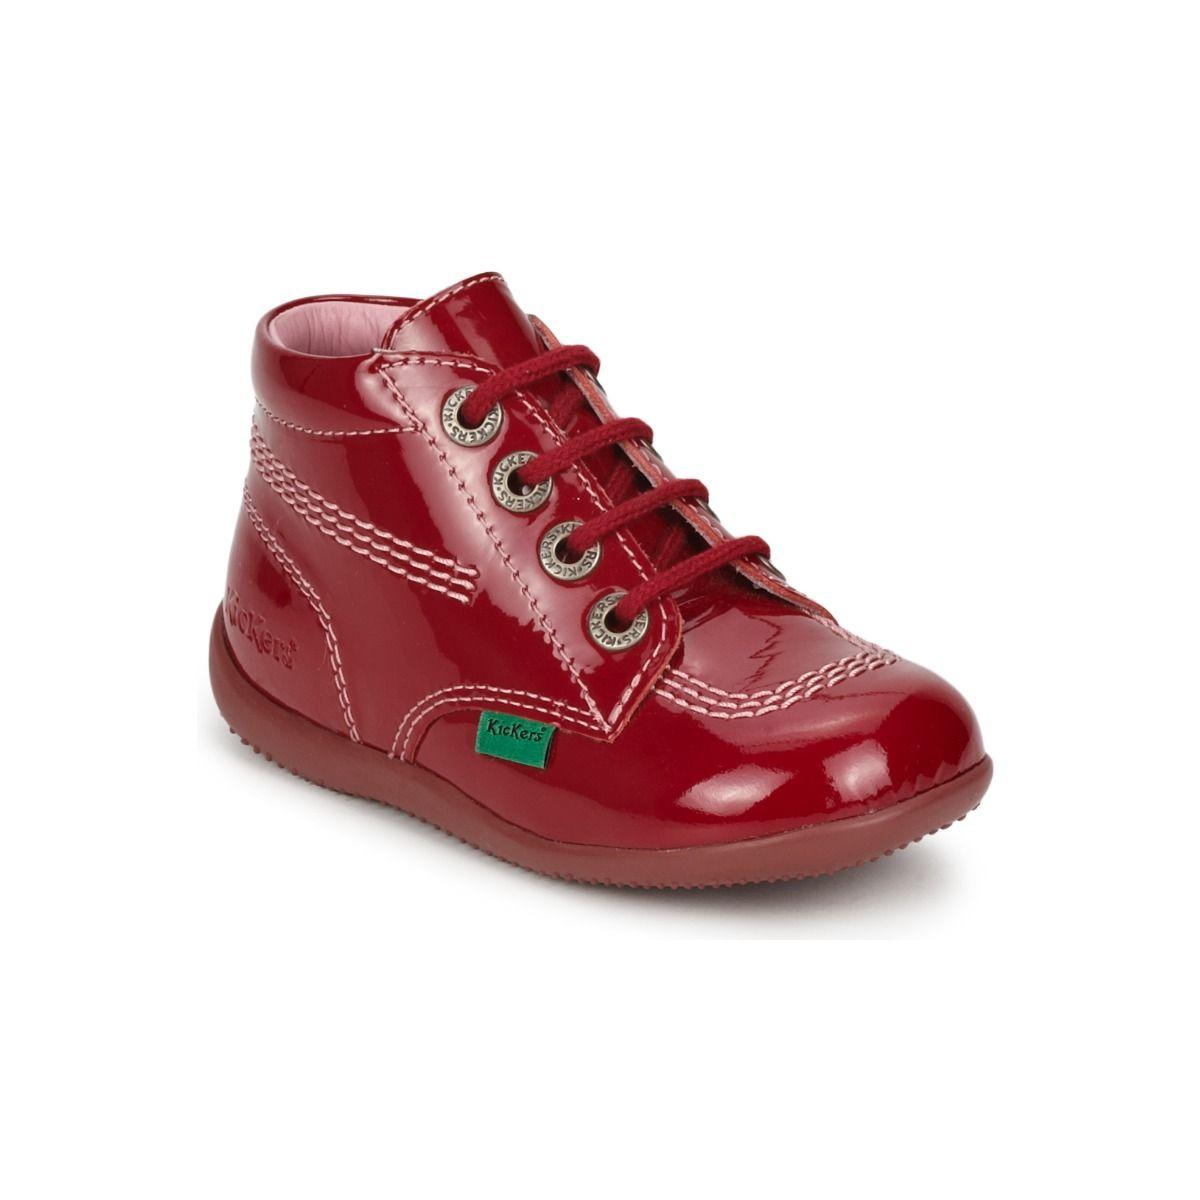 22cb37019 Botines clásicos de charol rojo de Kickers para niño o niña en spartoo.es   zapatos  botitas  niños